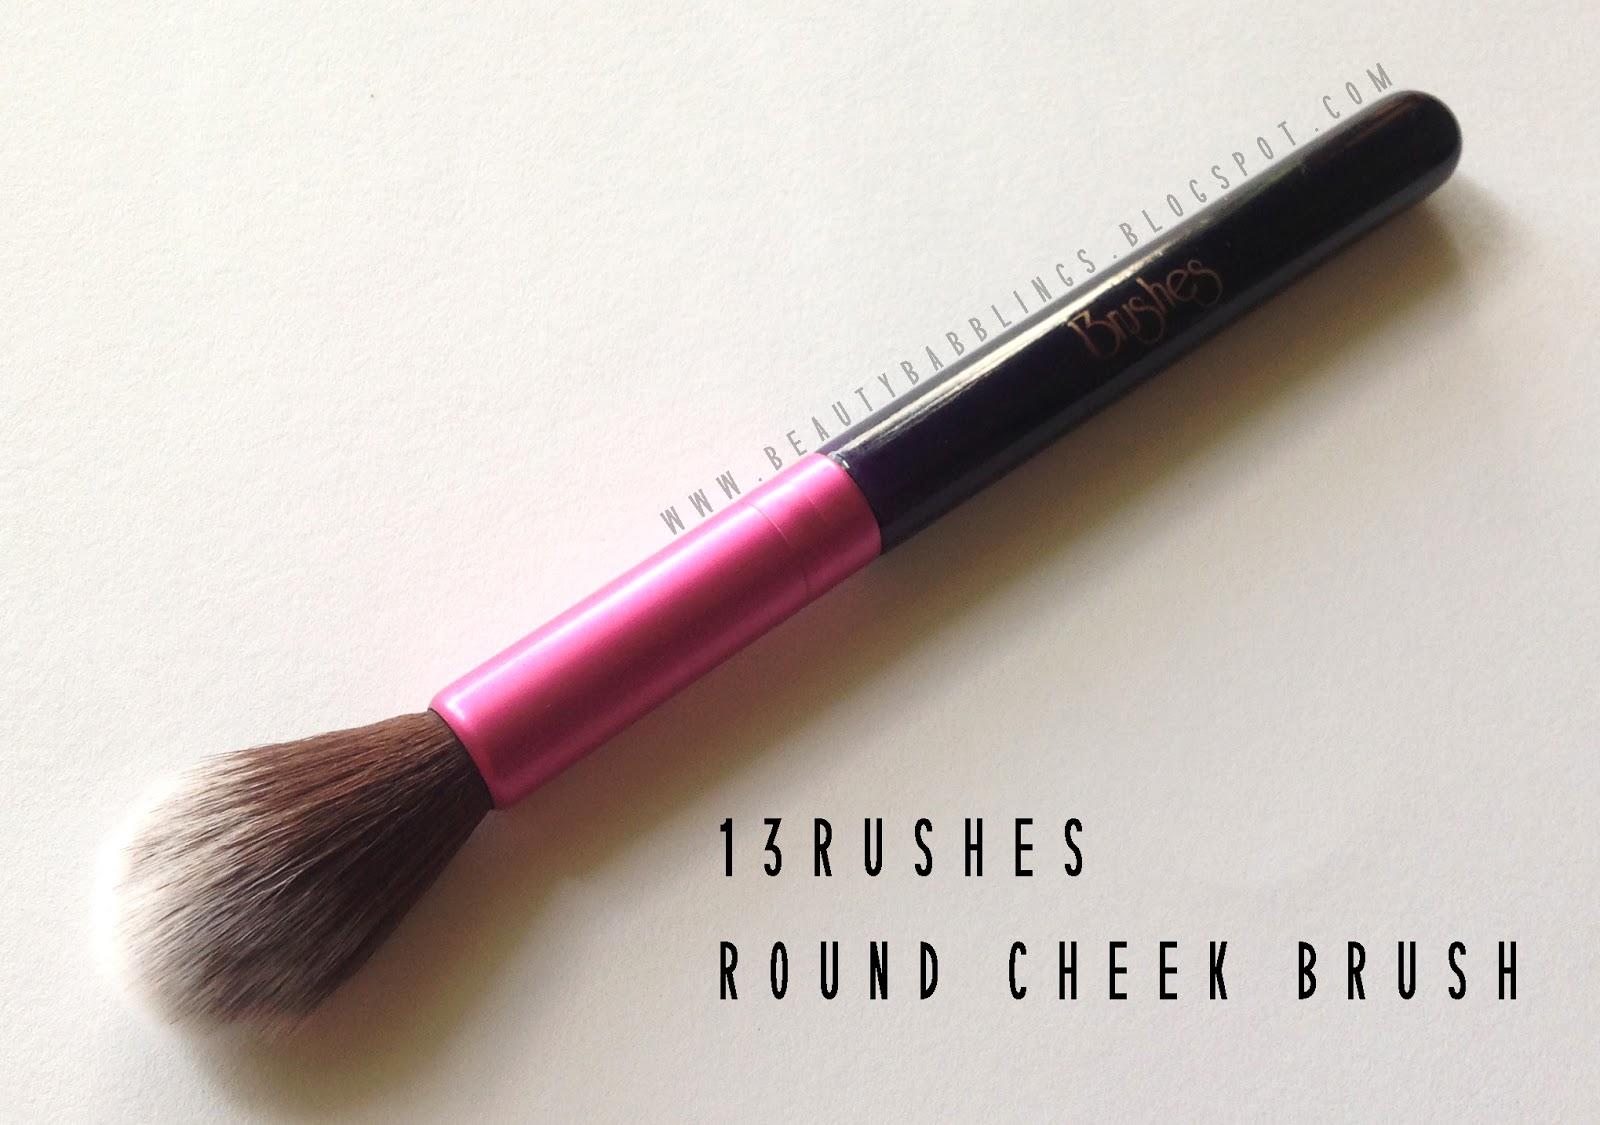 13rushes-round-cheek-brush-review